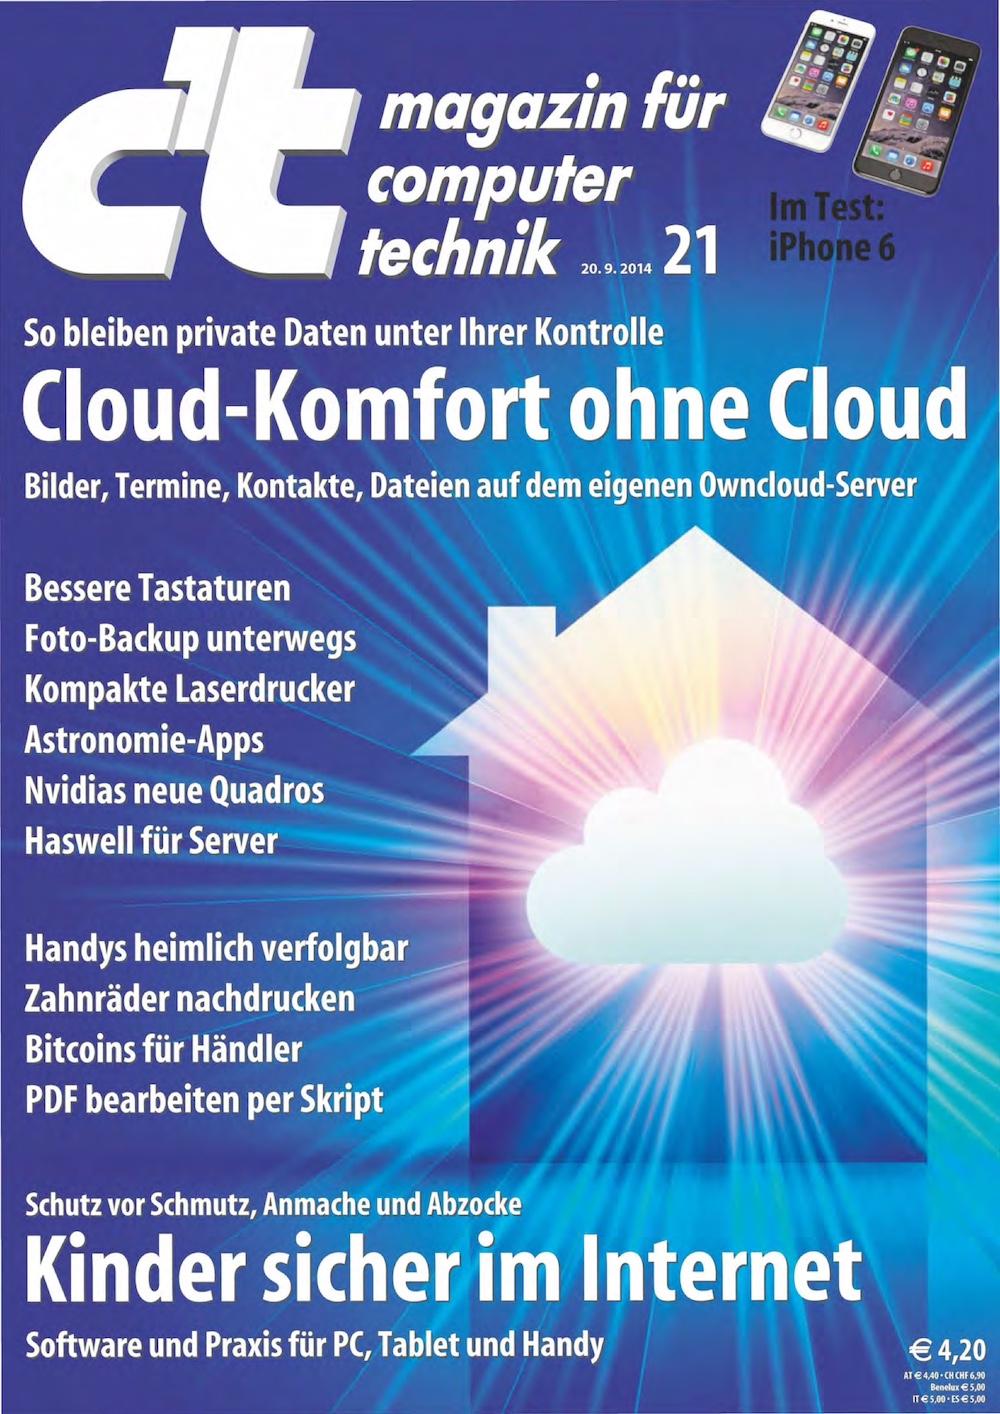 c't Magazin 2014-21